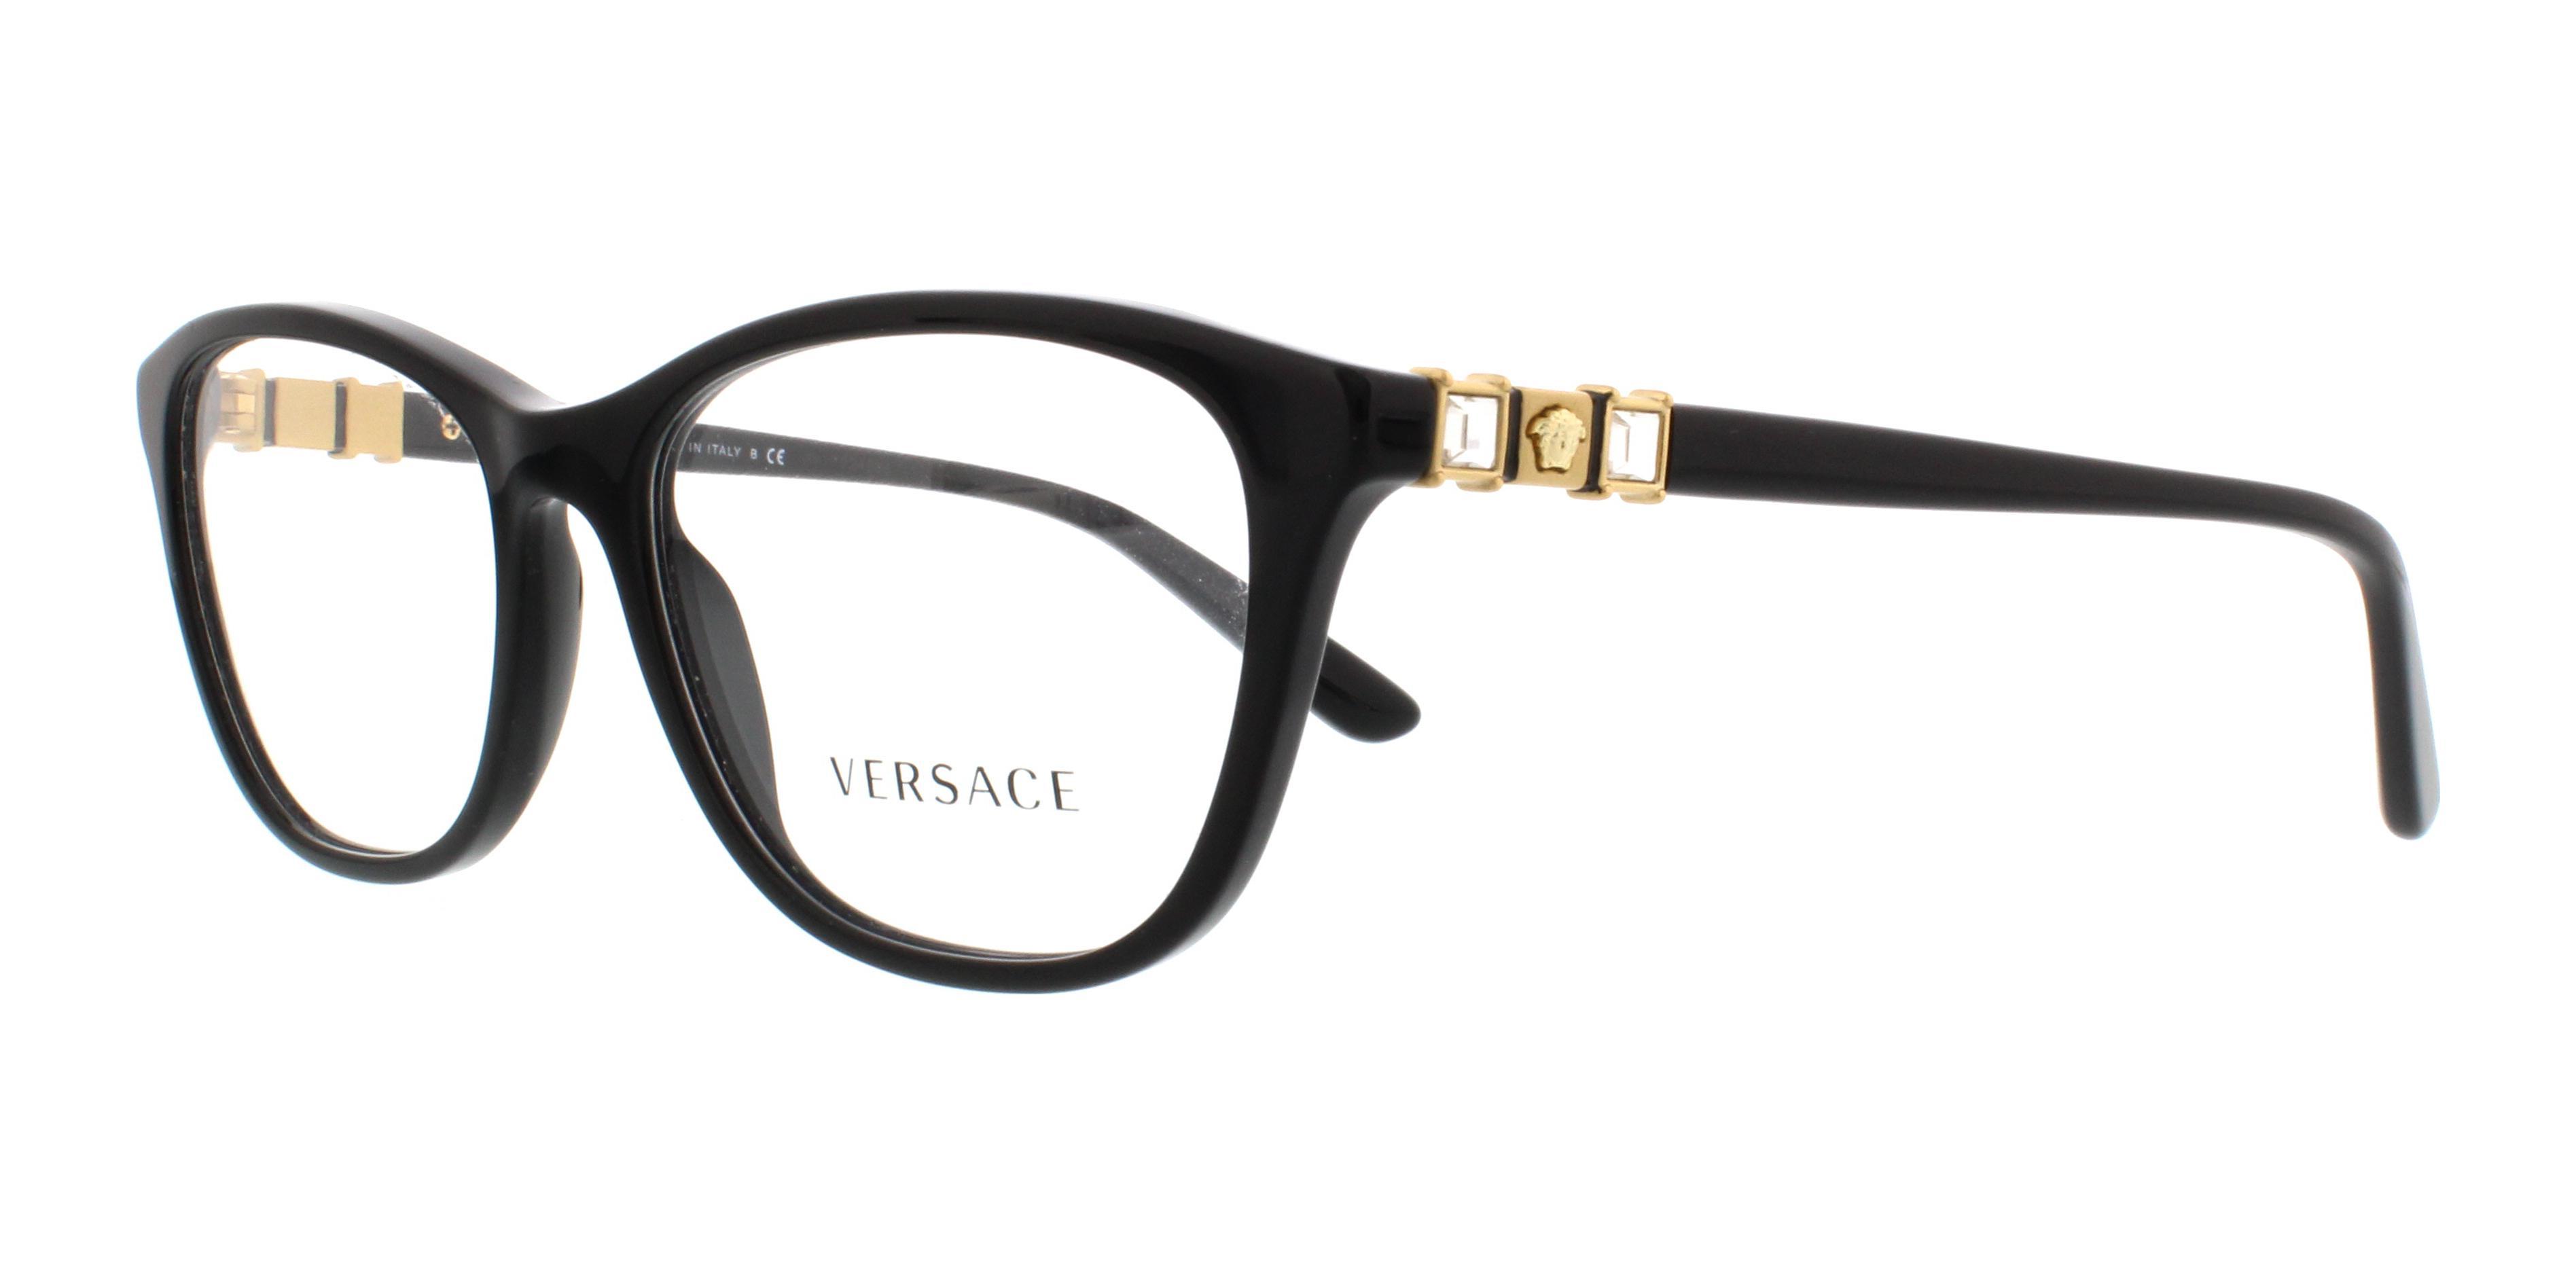 a63b2b57c7 Designer Frames Outlet. Versace VE3213B